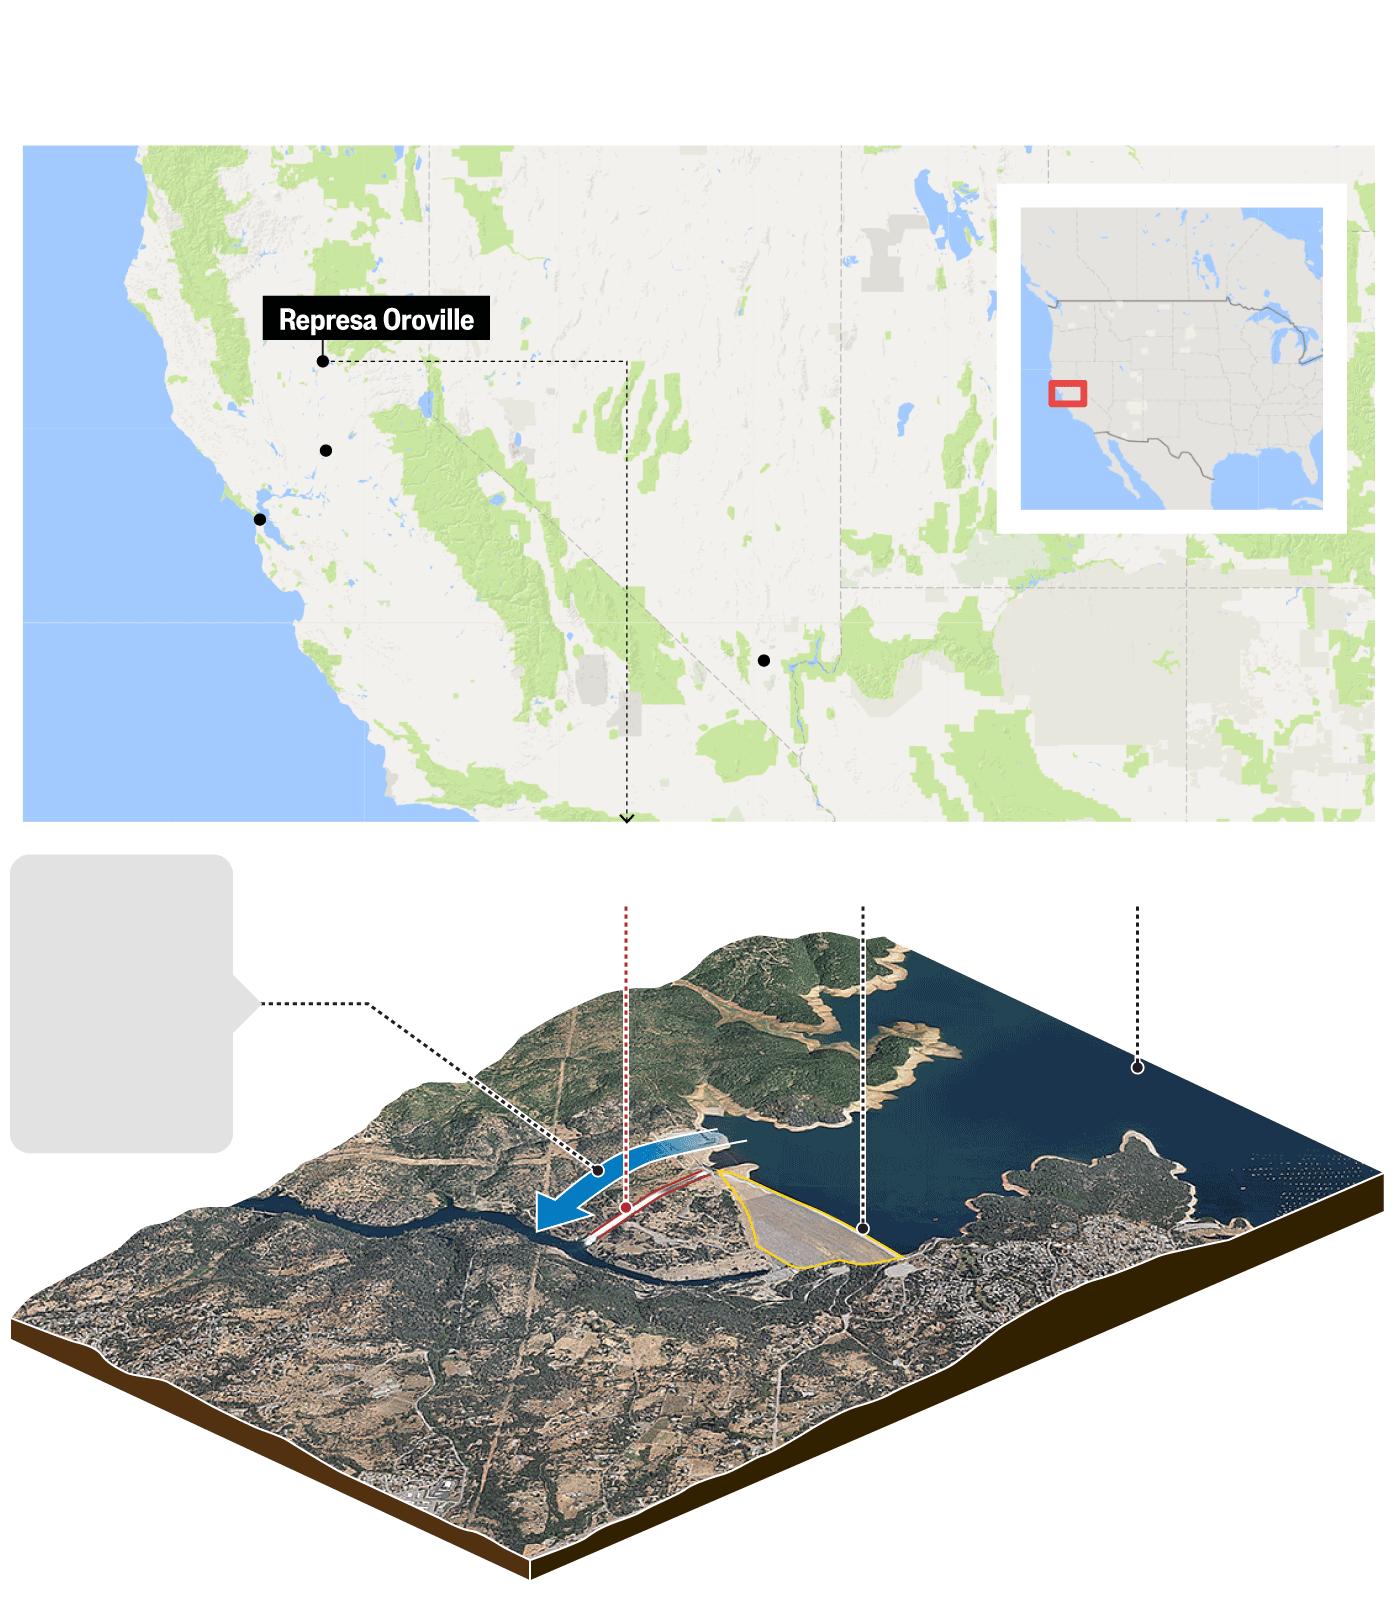 Resultado de imagem para represa sobre risco na california